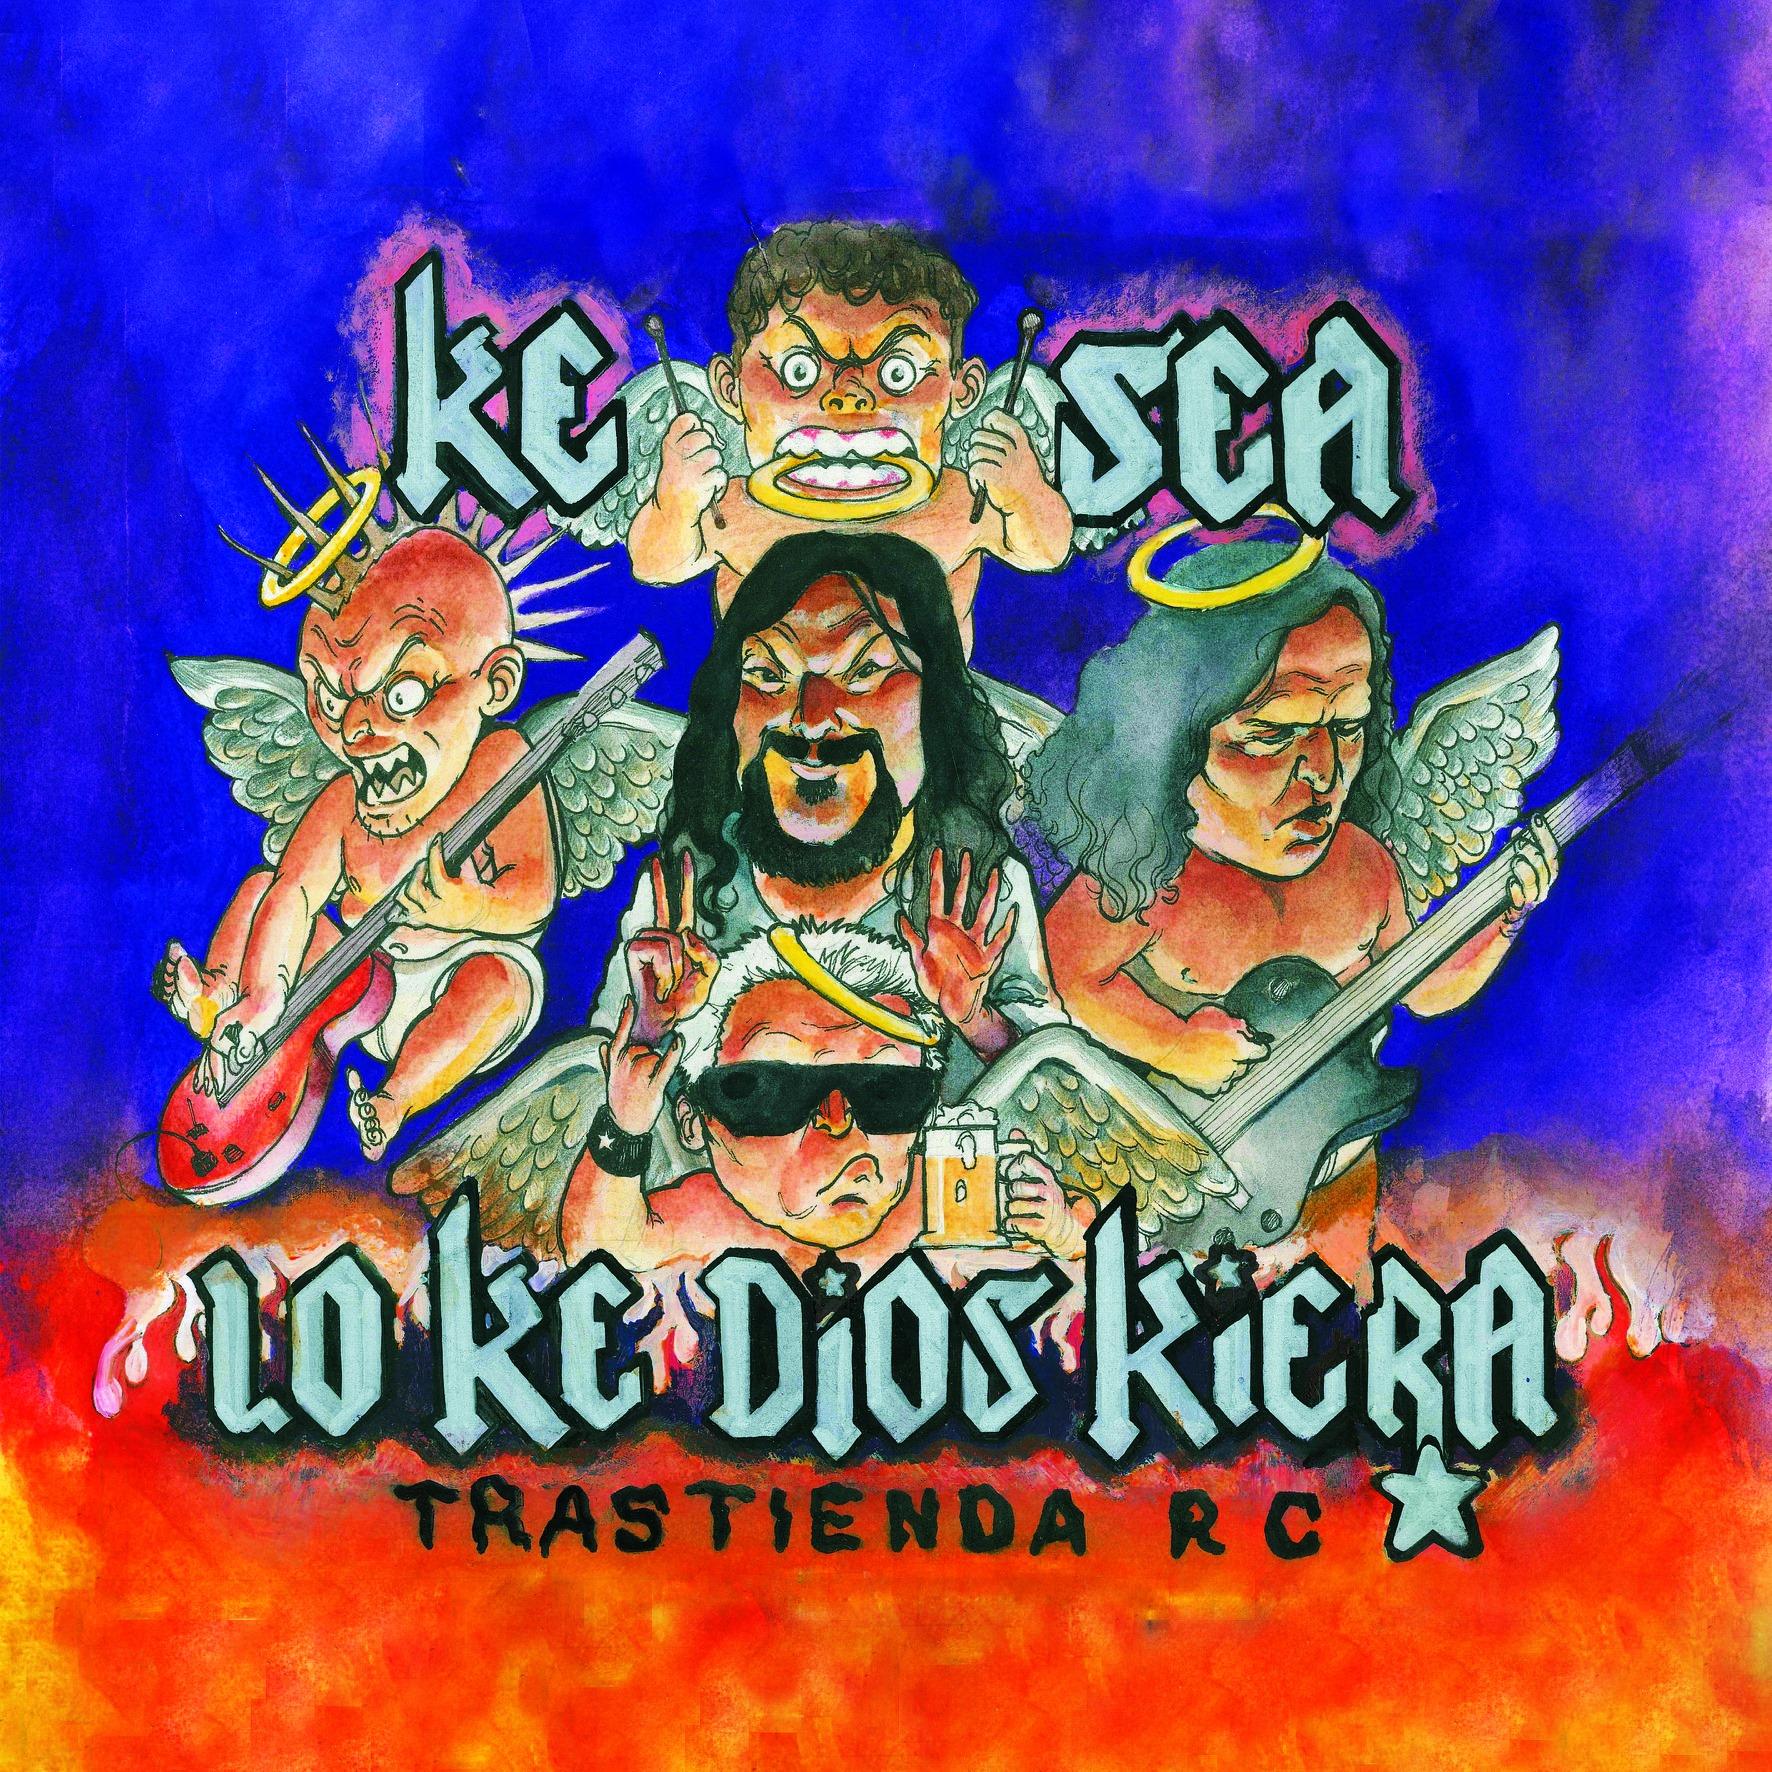 Reseña: Trastienda Rc «Ke sea lo ke dios kiera»